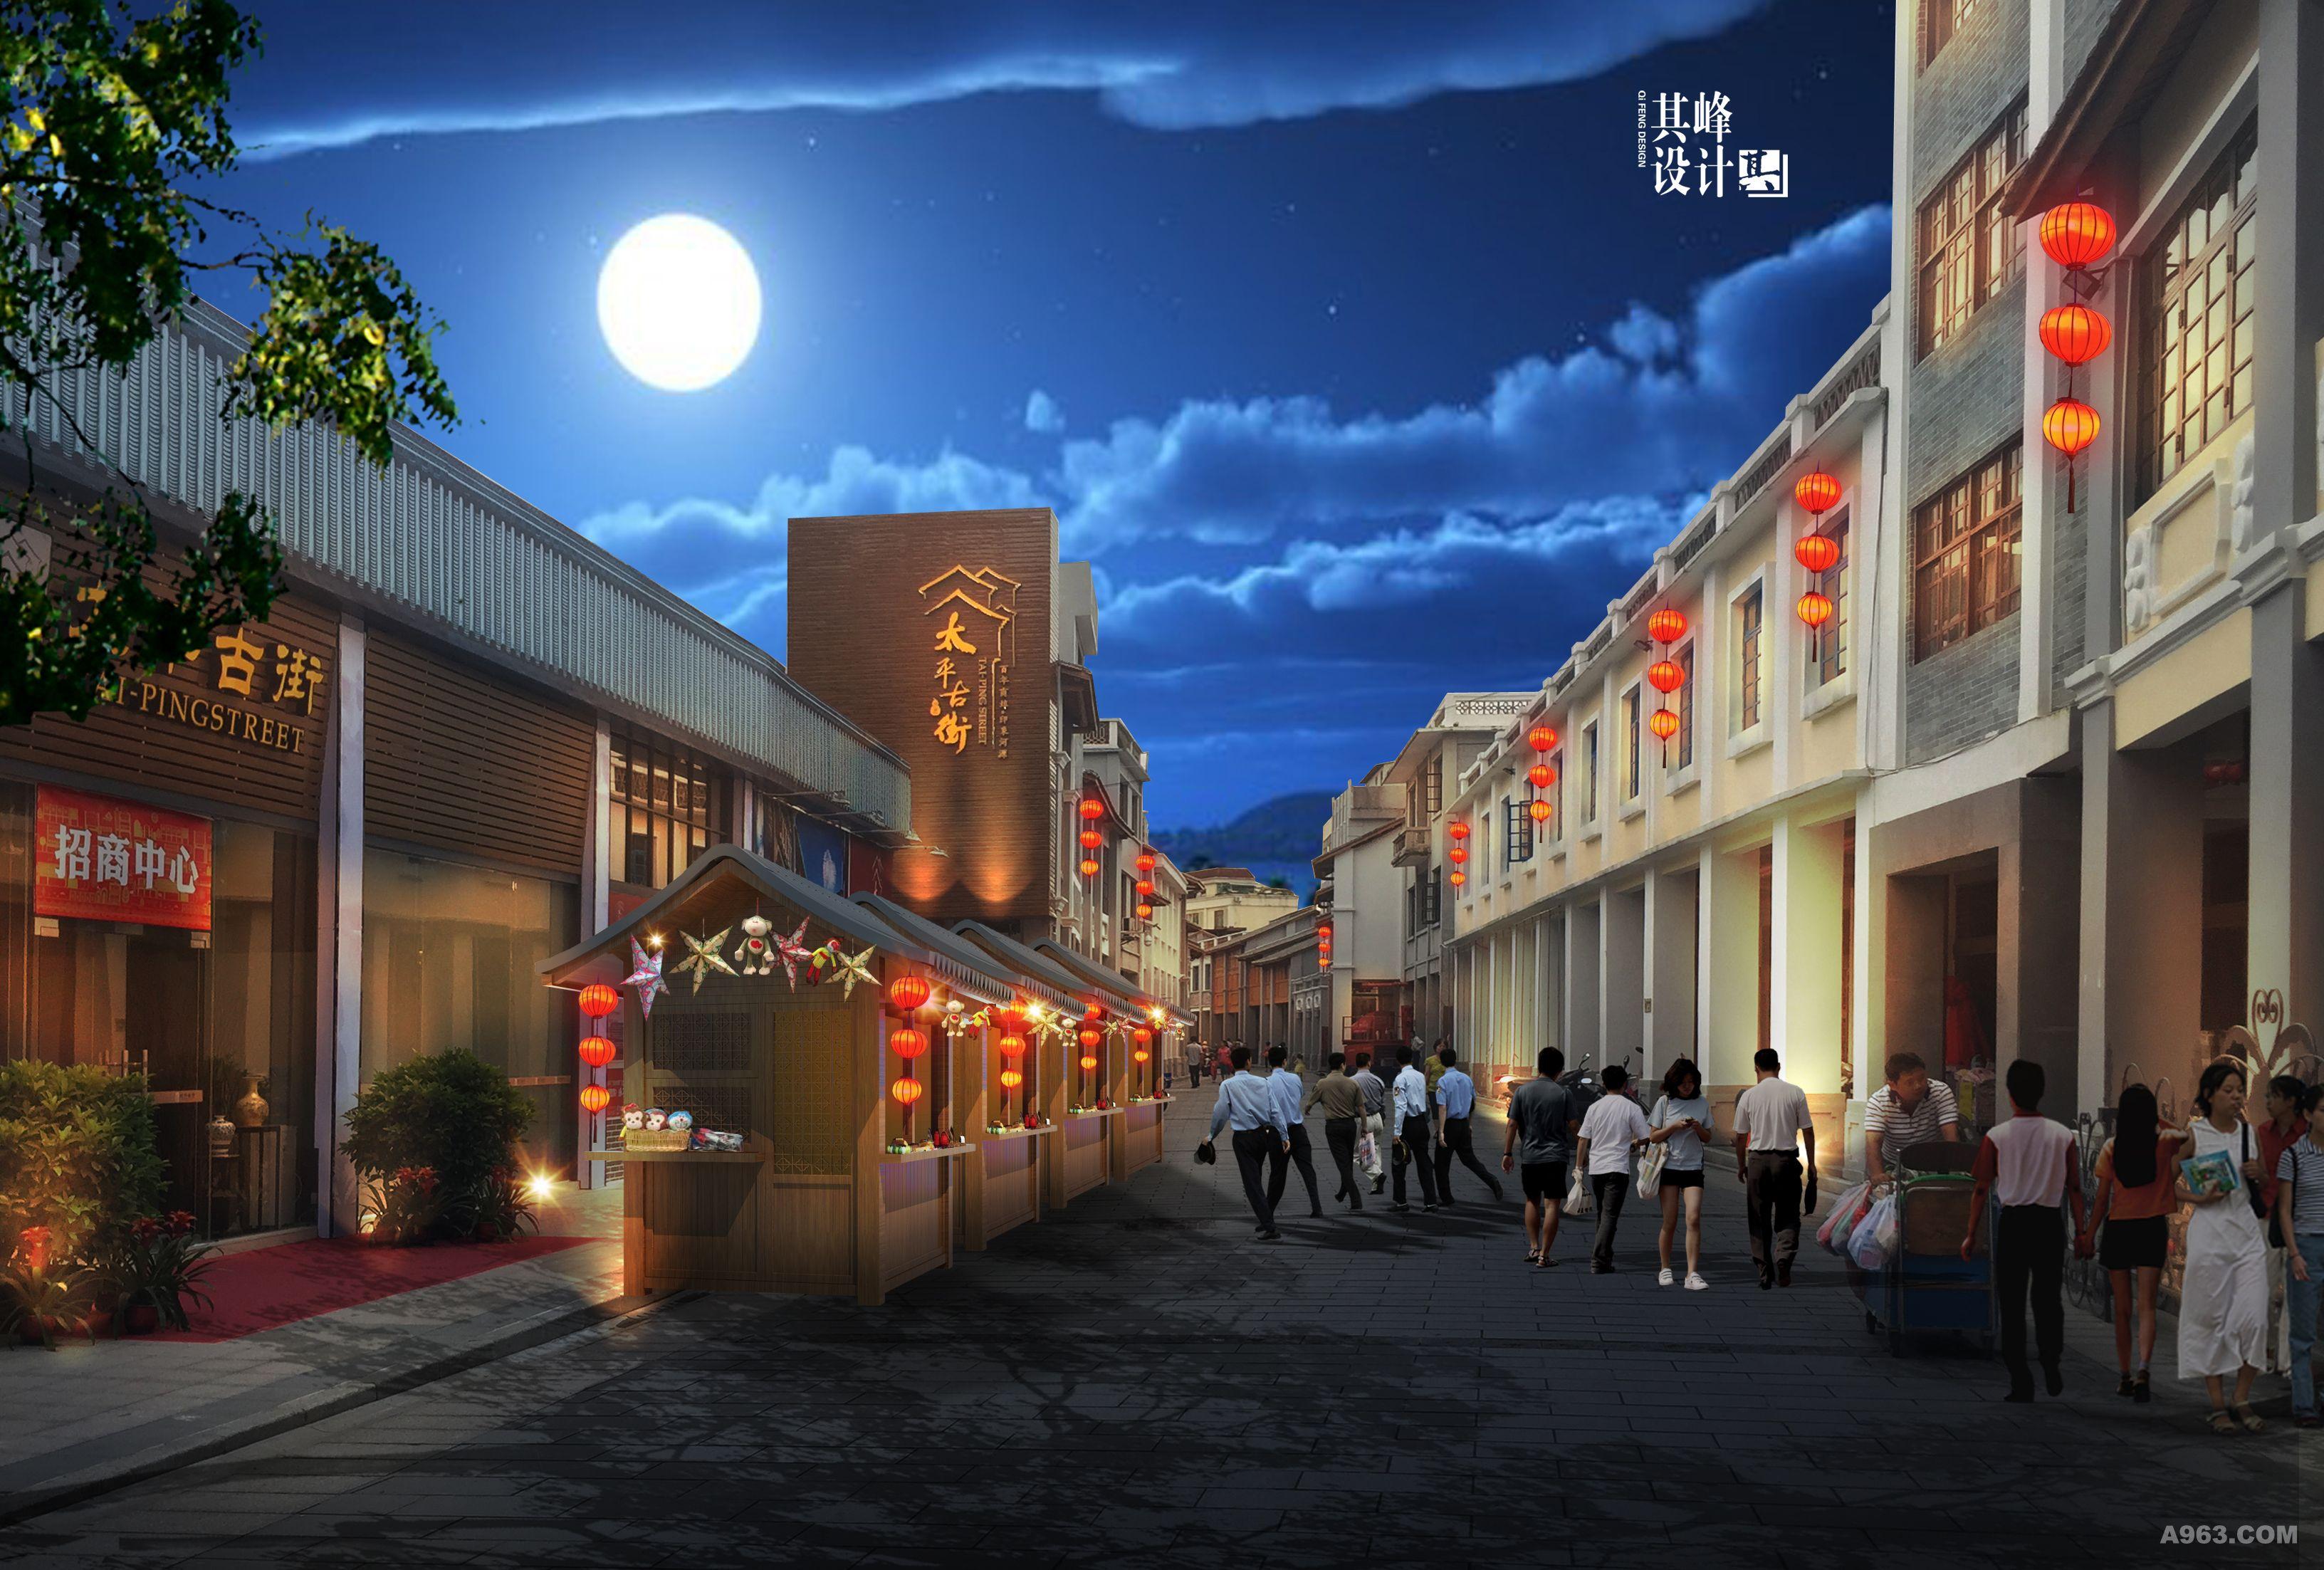 河源太平古街 - 建筑 - 第2页 - 叶胜其设计作品案例